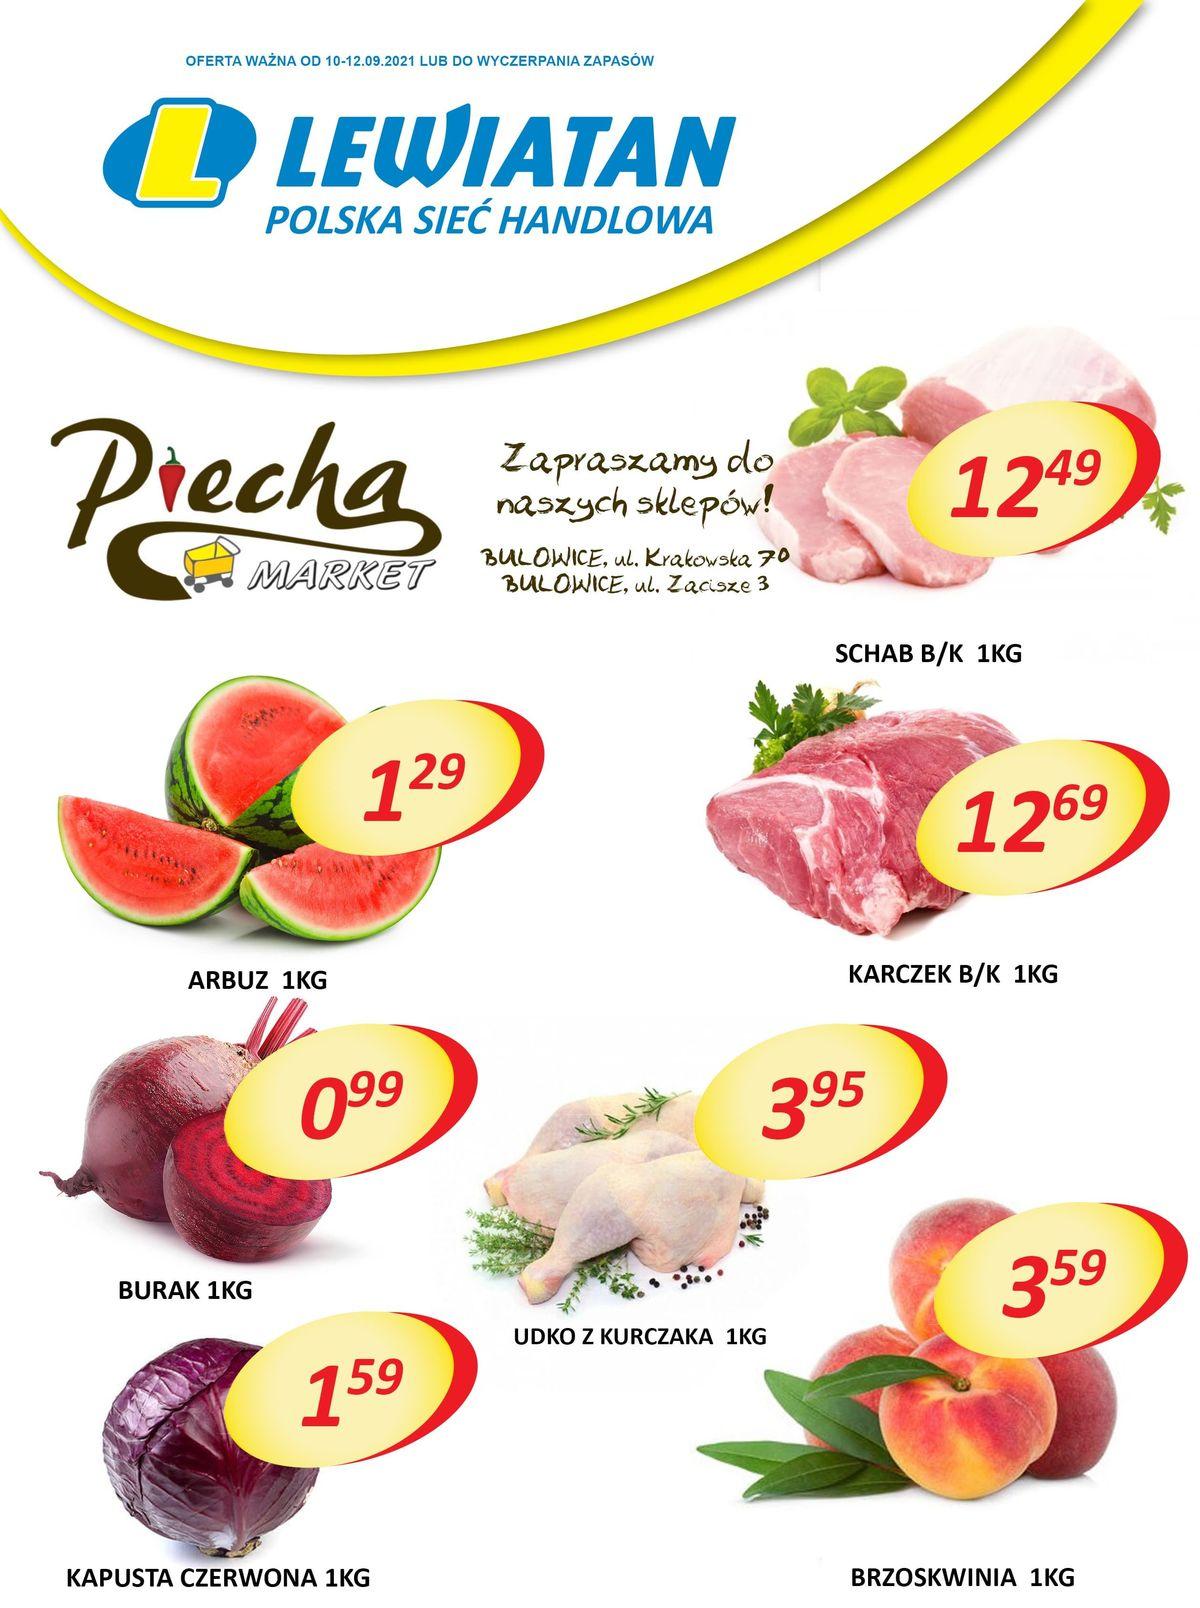 Lewiatan Piecha Market w Bulowicach. Promocje 10-12 września